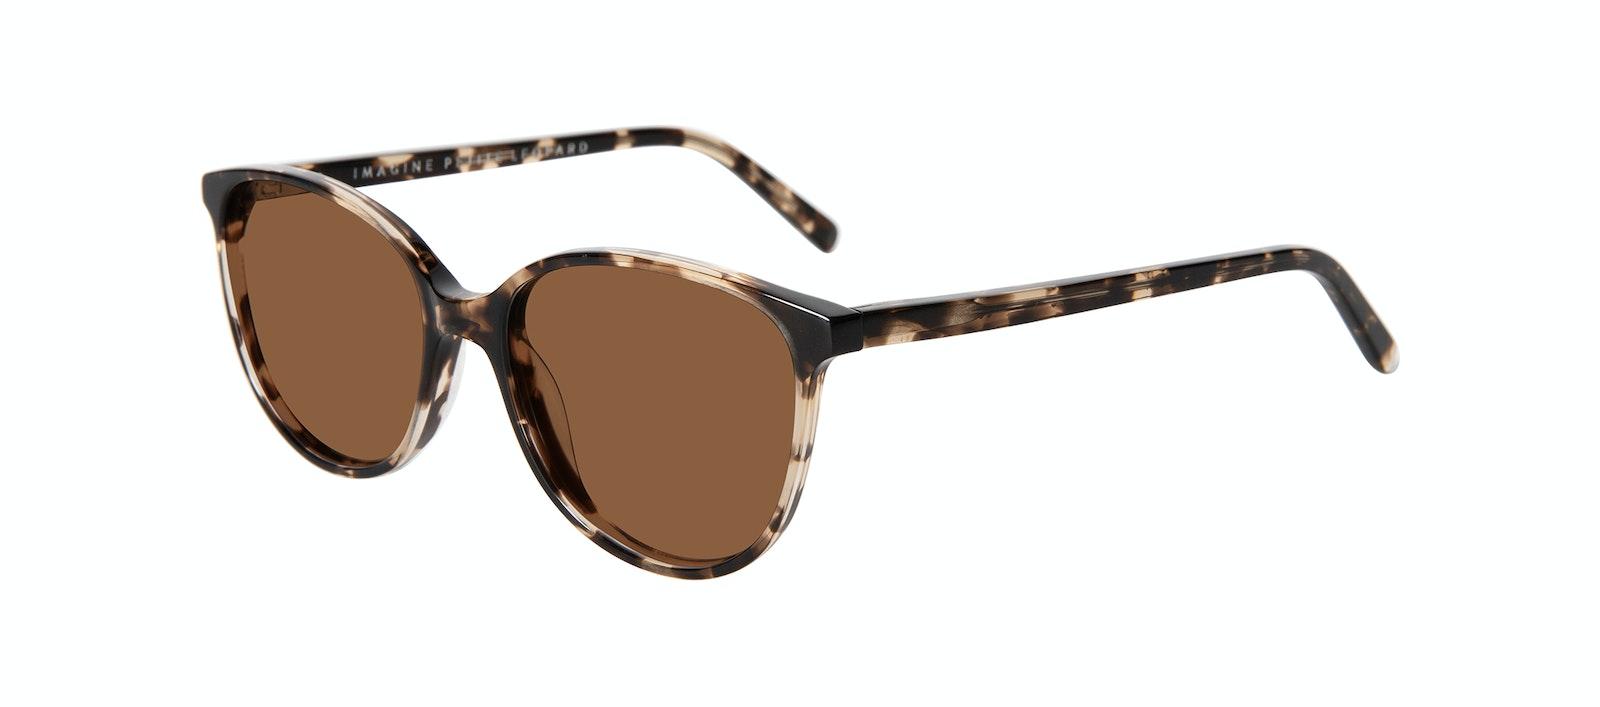 Lunettes tendance Ronde Lunettes de soleil Femmes Imagine Petite Leopard Incliné